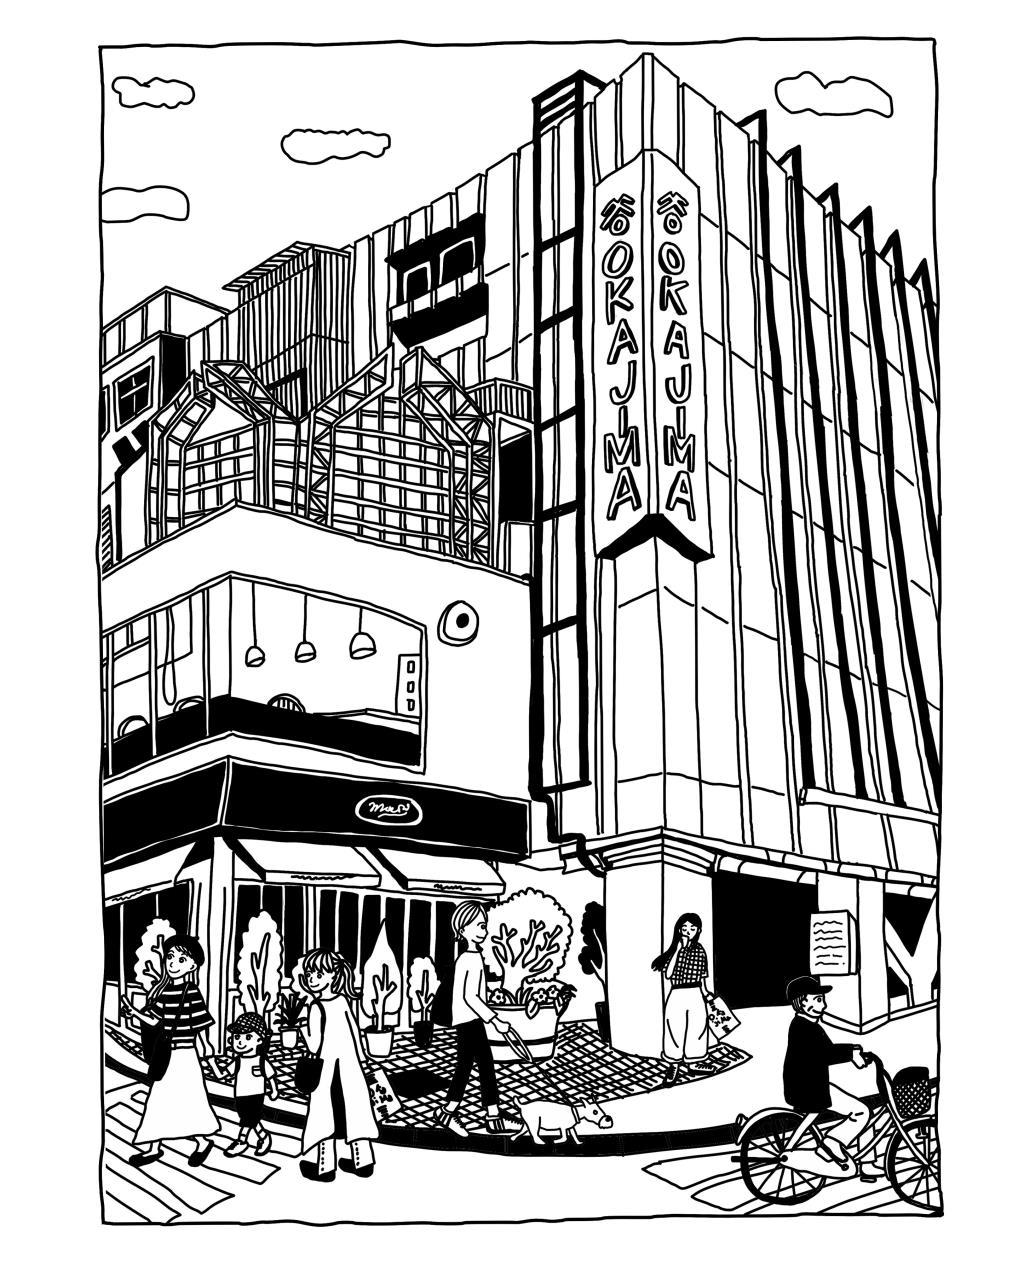 モモハナ×むろい×岡島×甲府商工会議所 チャリティTシャツ